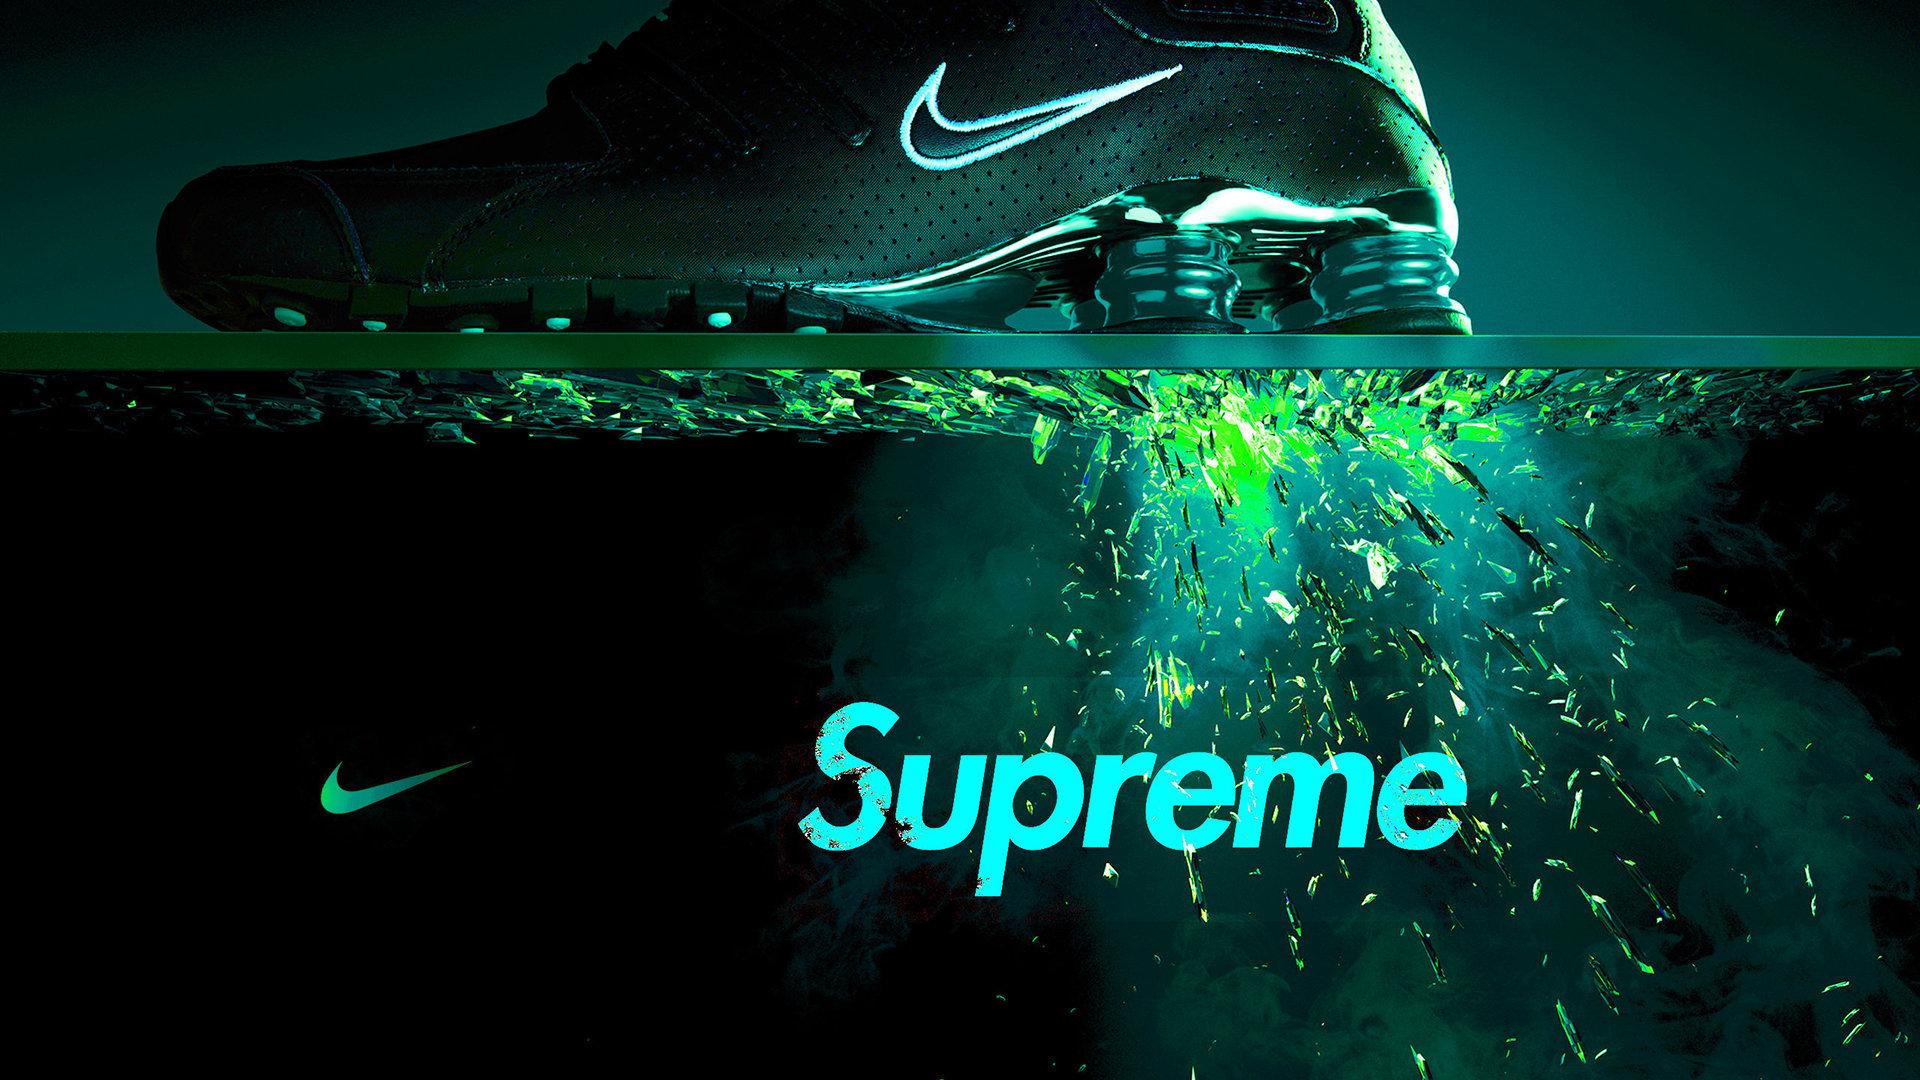 Fondos De Pantalla Supreme: Nike Supreme Wallpaper